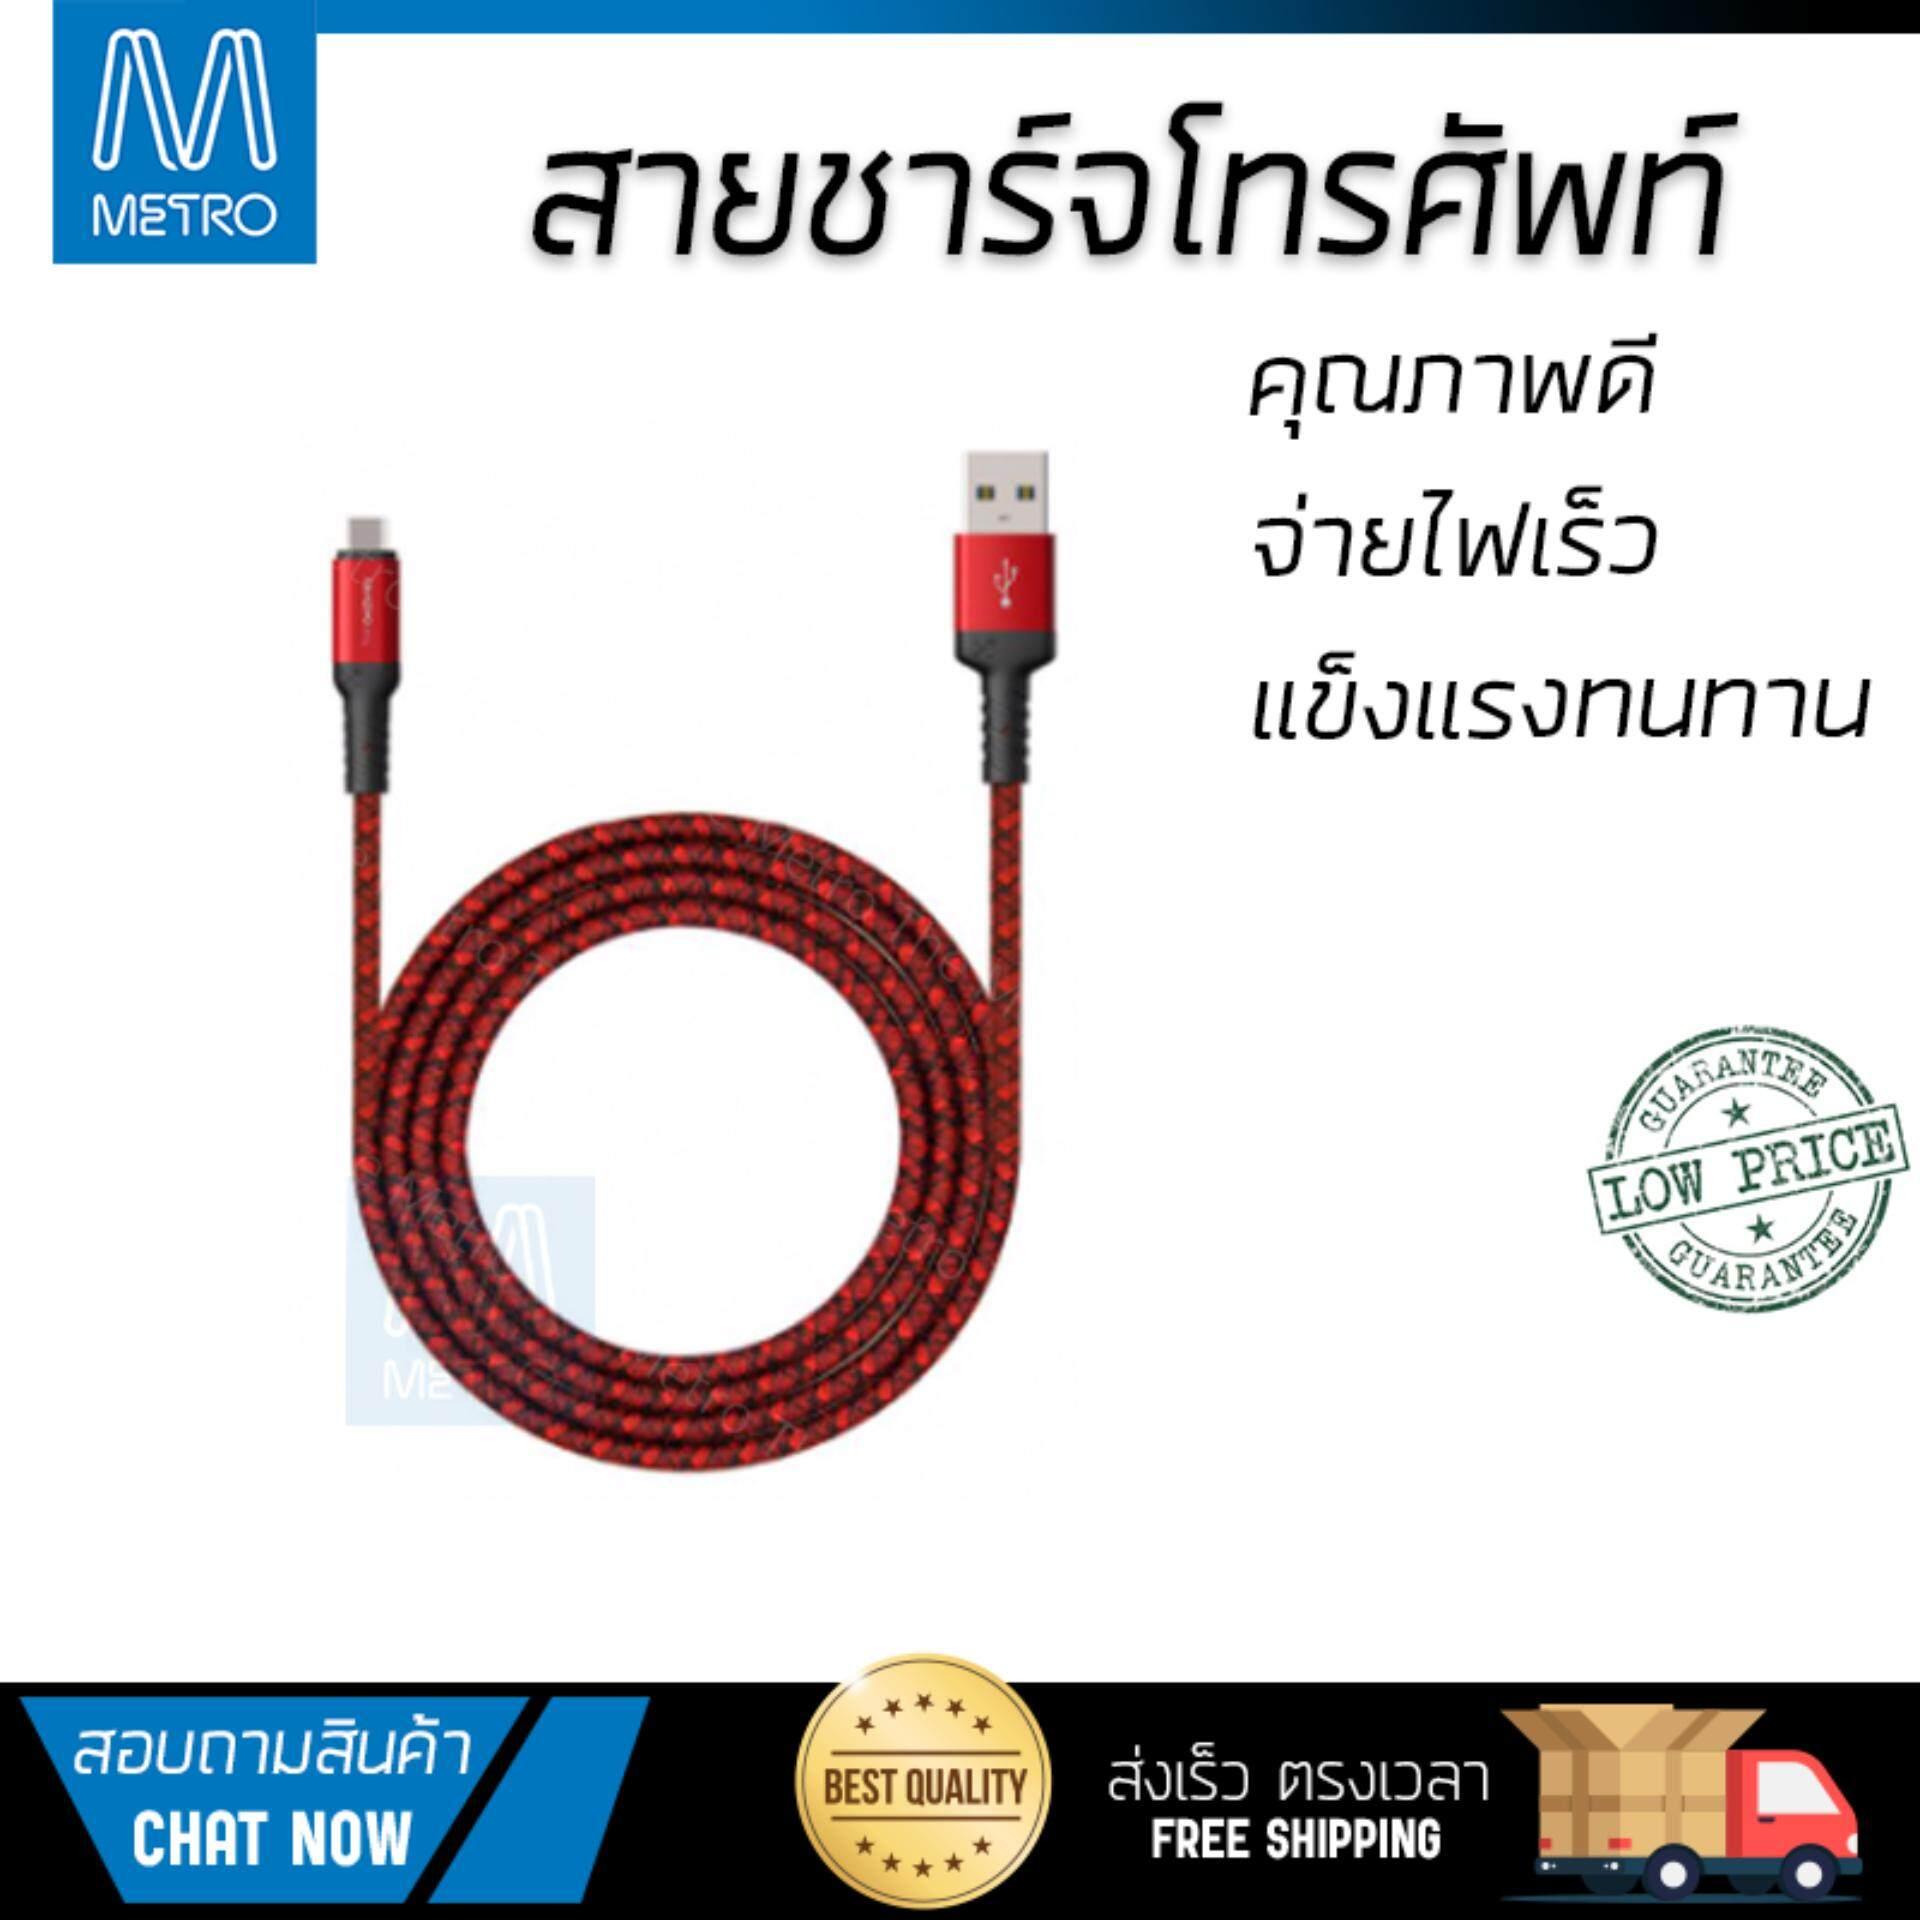 สุดยอดสินค้า!! ราคาพิเศษ รุ่นยอดนิยม สายชาร์จโทรศัพท์ AMAZINGthing USB-A to USB-C Cable SupremeLink Bullet Shield 1.2M. Red สายชาร์จทนทาน แข็งแรง จ่ายไฟเร็ว Mobile Cable จัดส่งฟรี Kerry ทั่วประเทศ